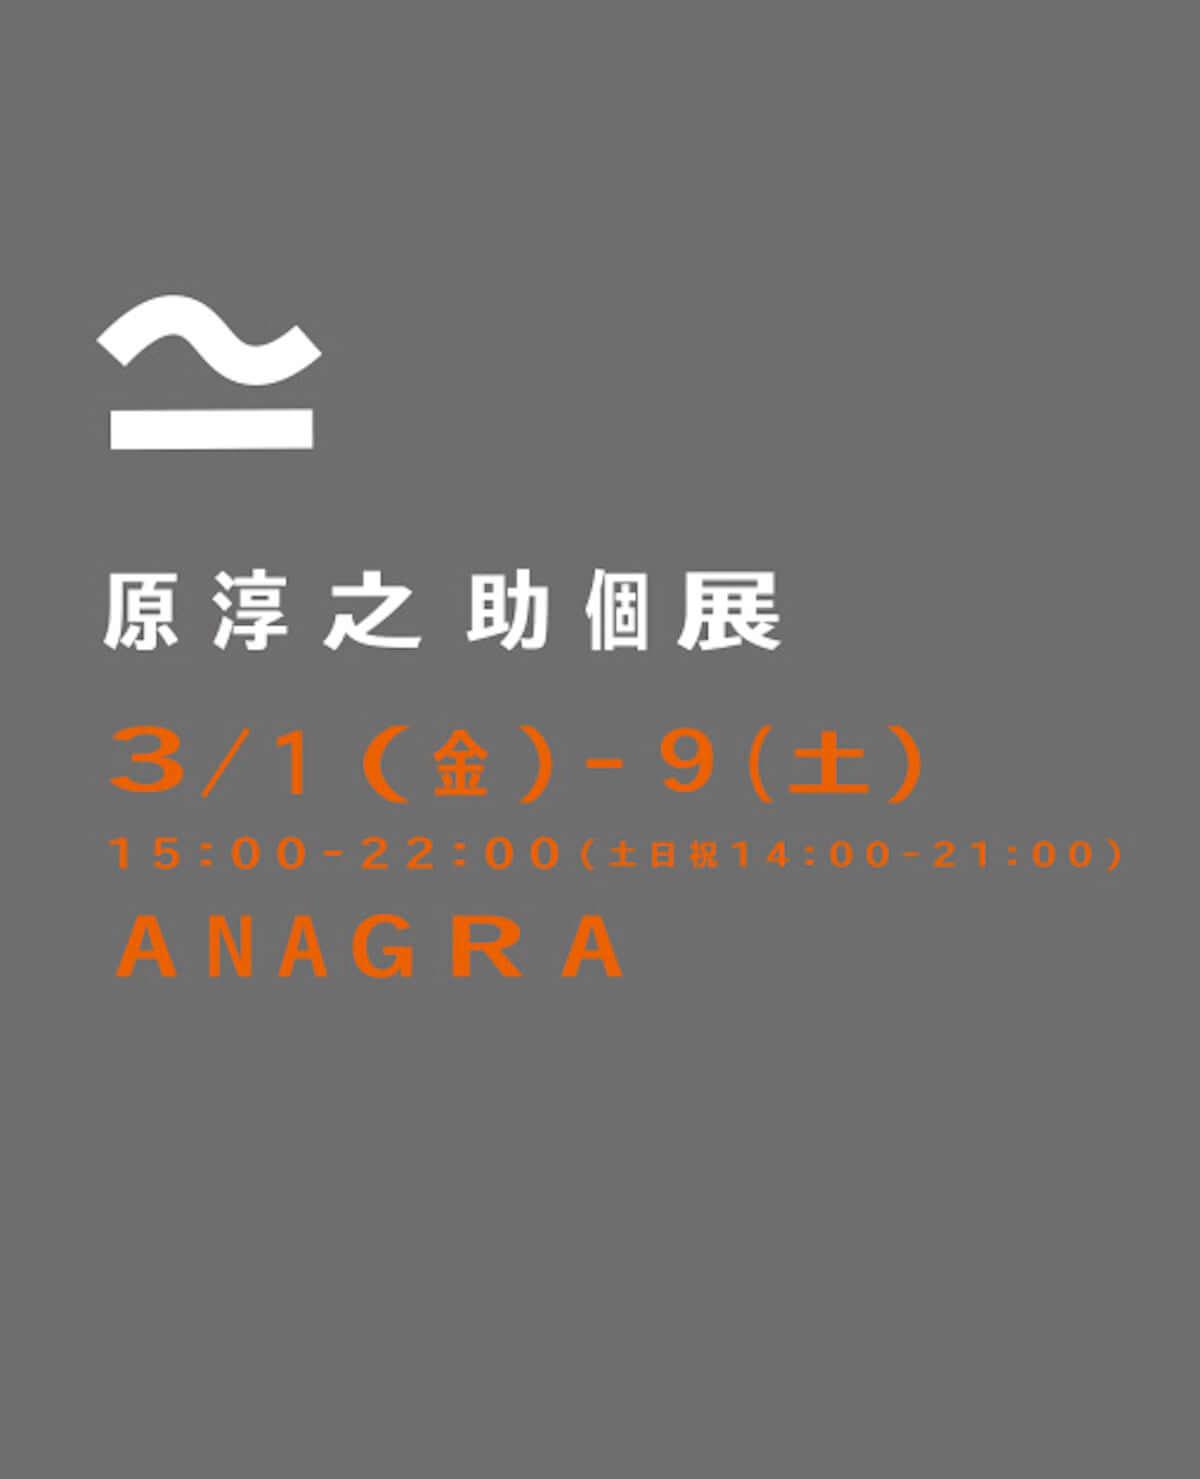 インスタの#workout(筋トレの自撮り)などをテーマにした原 淳之助による個展「≃」がANAGRAにて開催中 art-culture190302-harajunnosuke-3-1200x1479